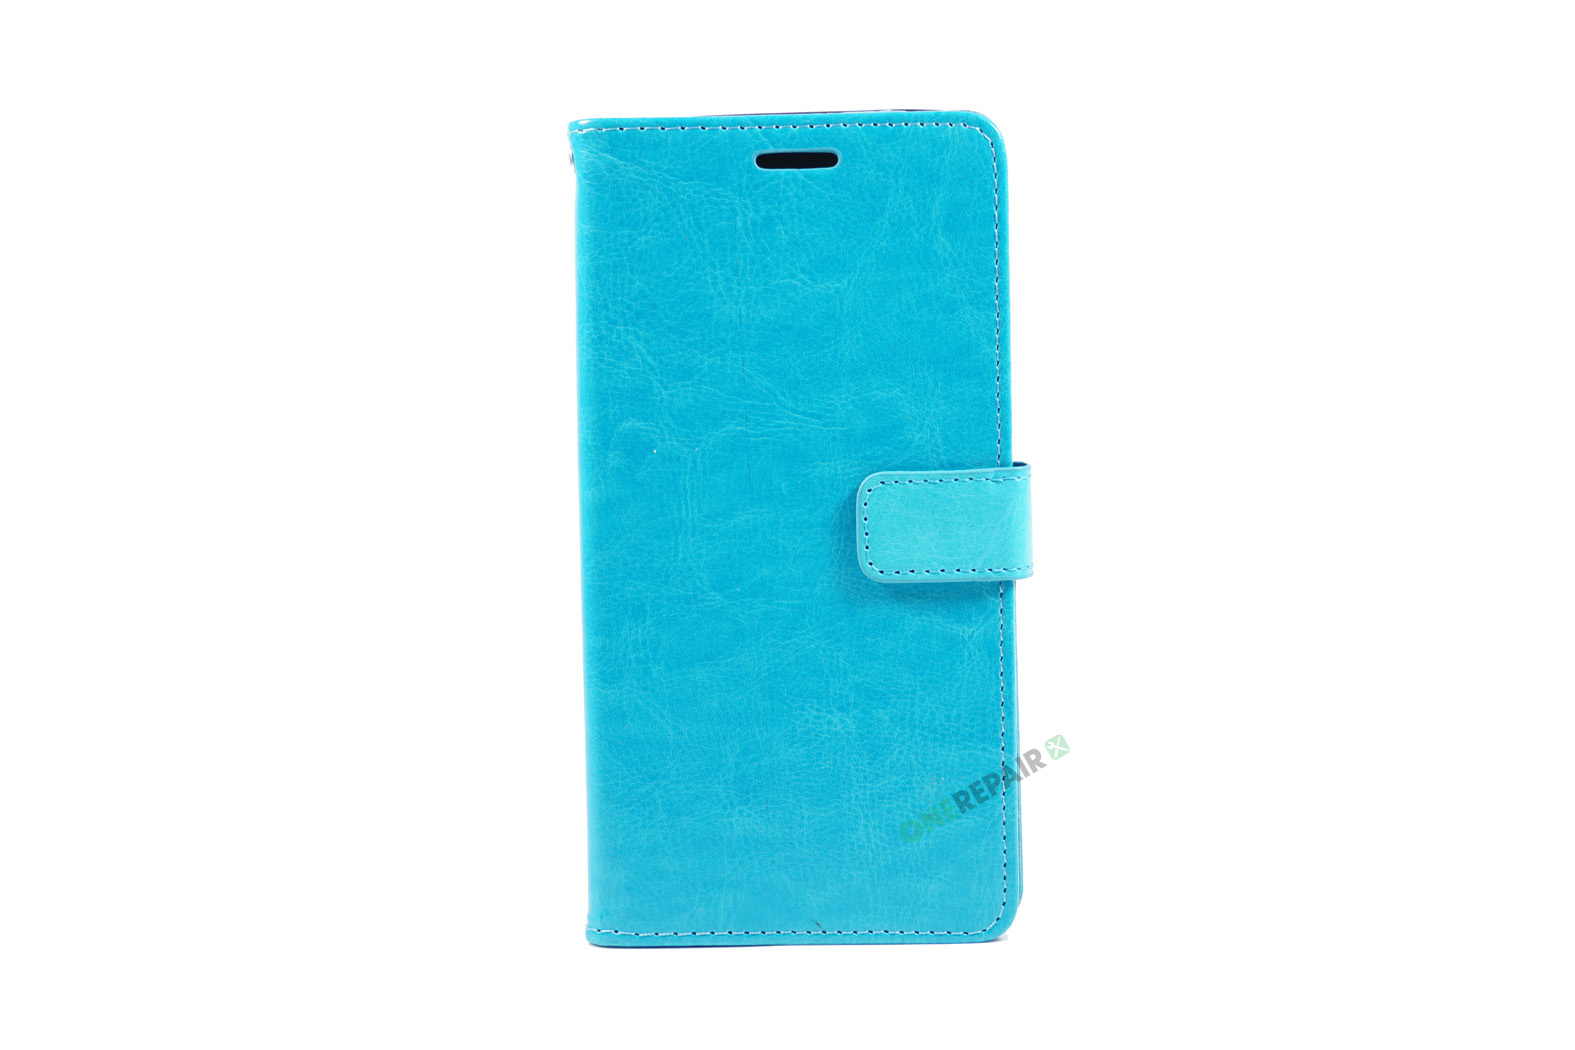 Samsung, Note 9, Flipcover, Mobilcover, Mobil cover, billig, Turkis, Blaa, Blå, Lyseblaa, Lyseblå